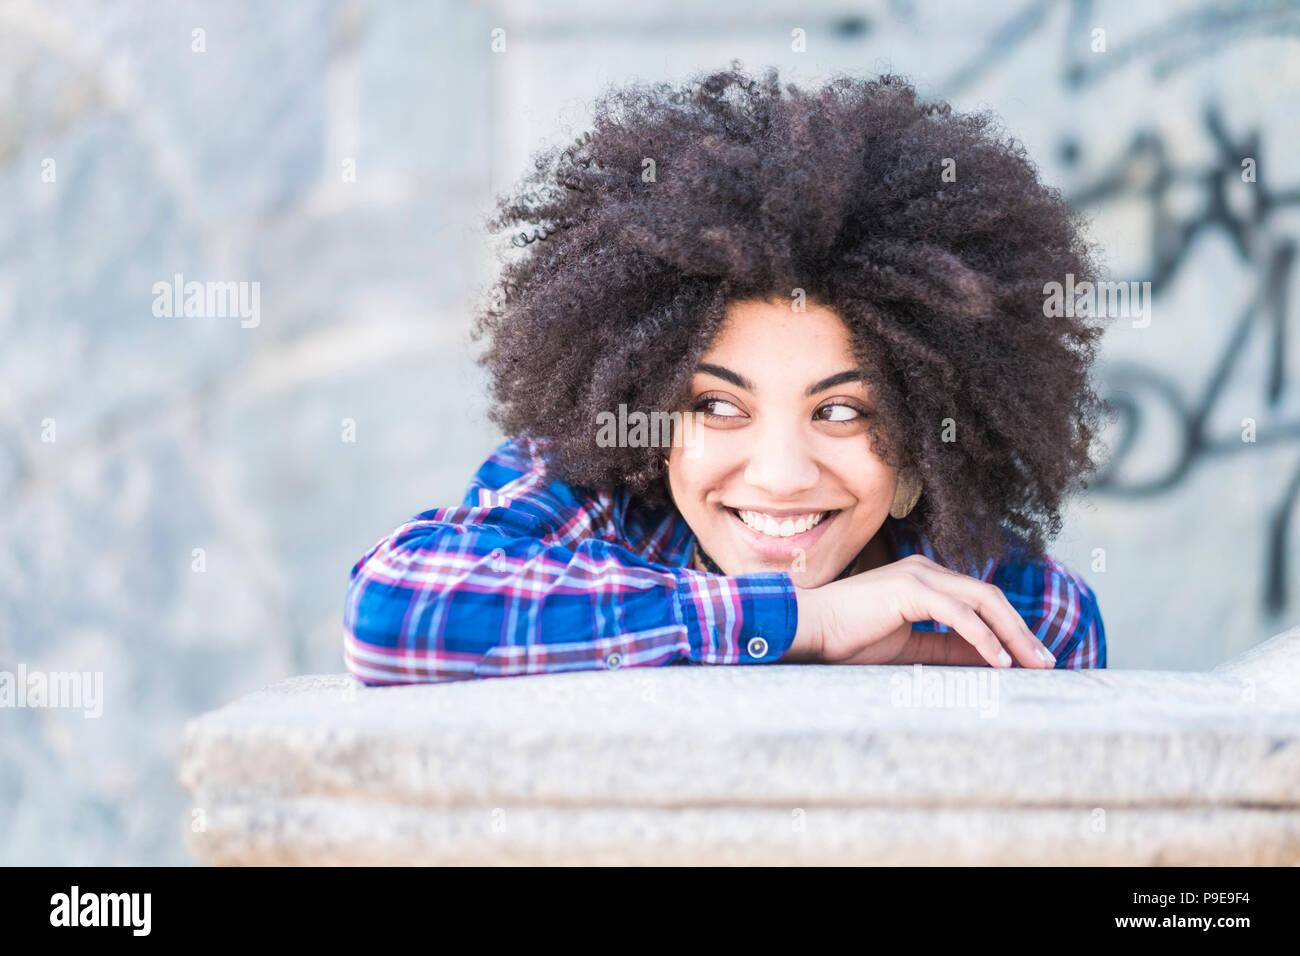 Portrait von schwarze Haut afrikanischen Rasse von schönen jungen Mädchen lächelnd und Suchen an ihrer Seite. Genießt die Zeit und die freizeitaktivität. lässig und Fa Stockbild